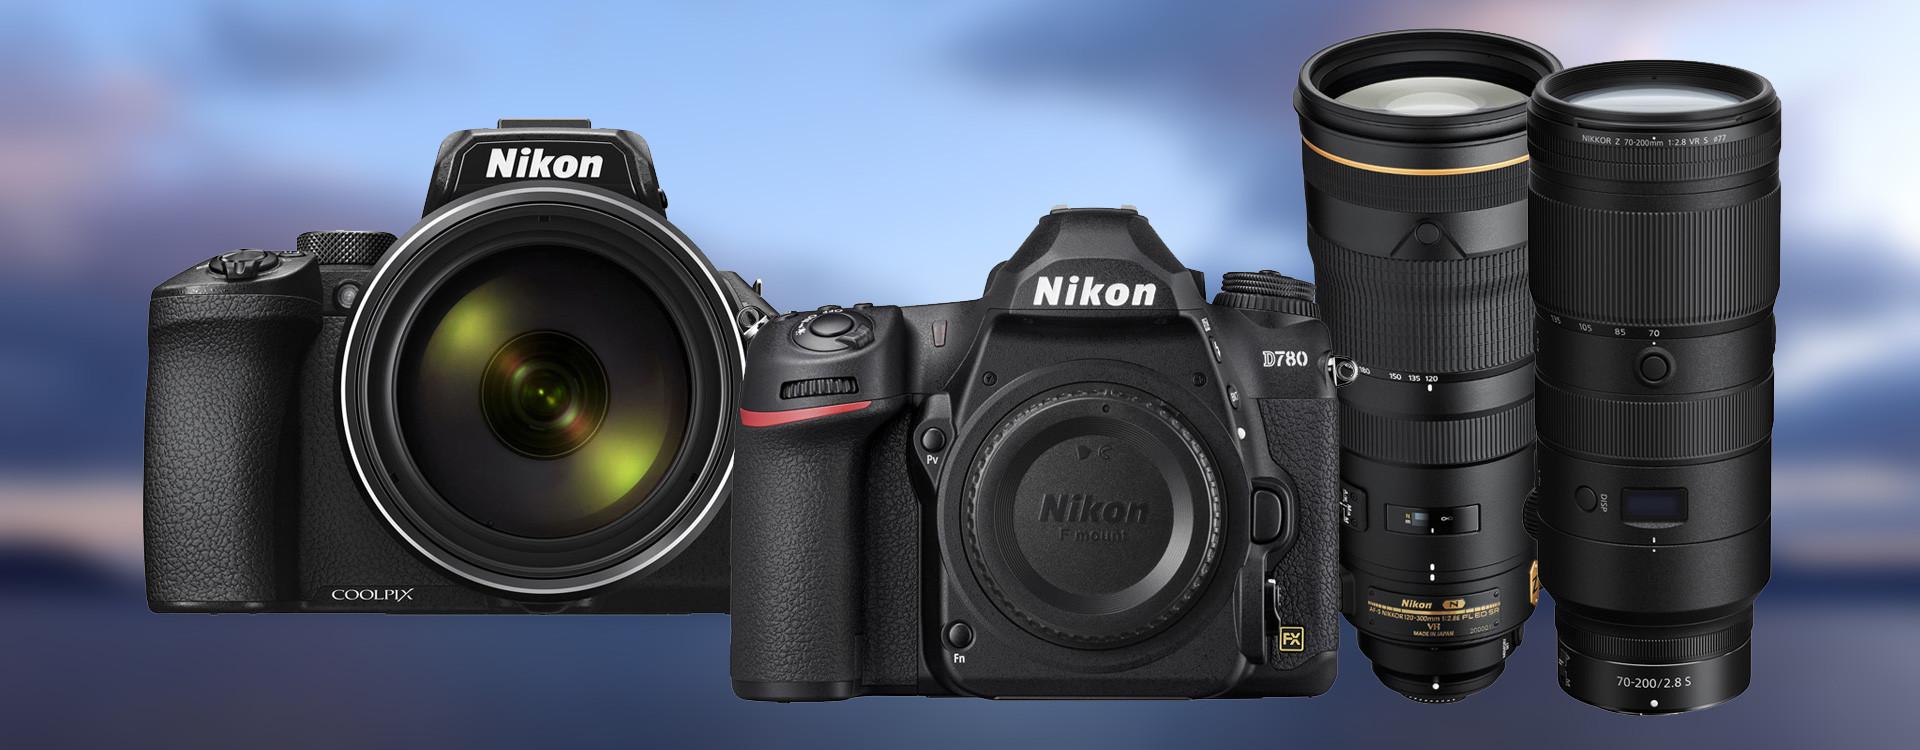 Styczniowe nowości od Nikona